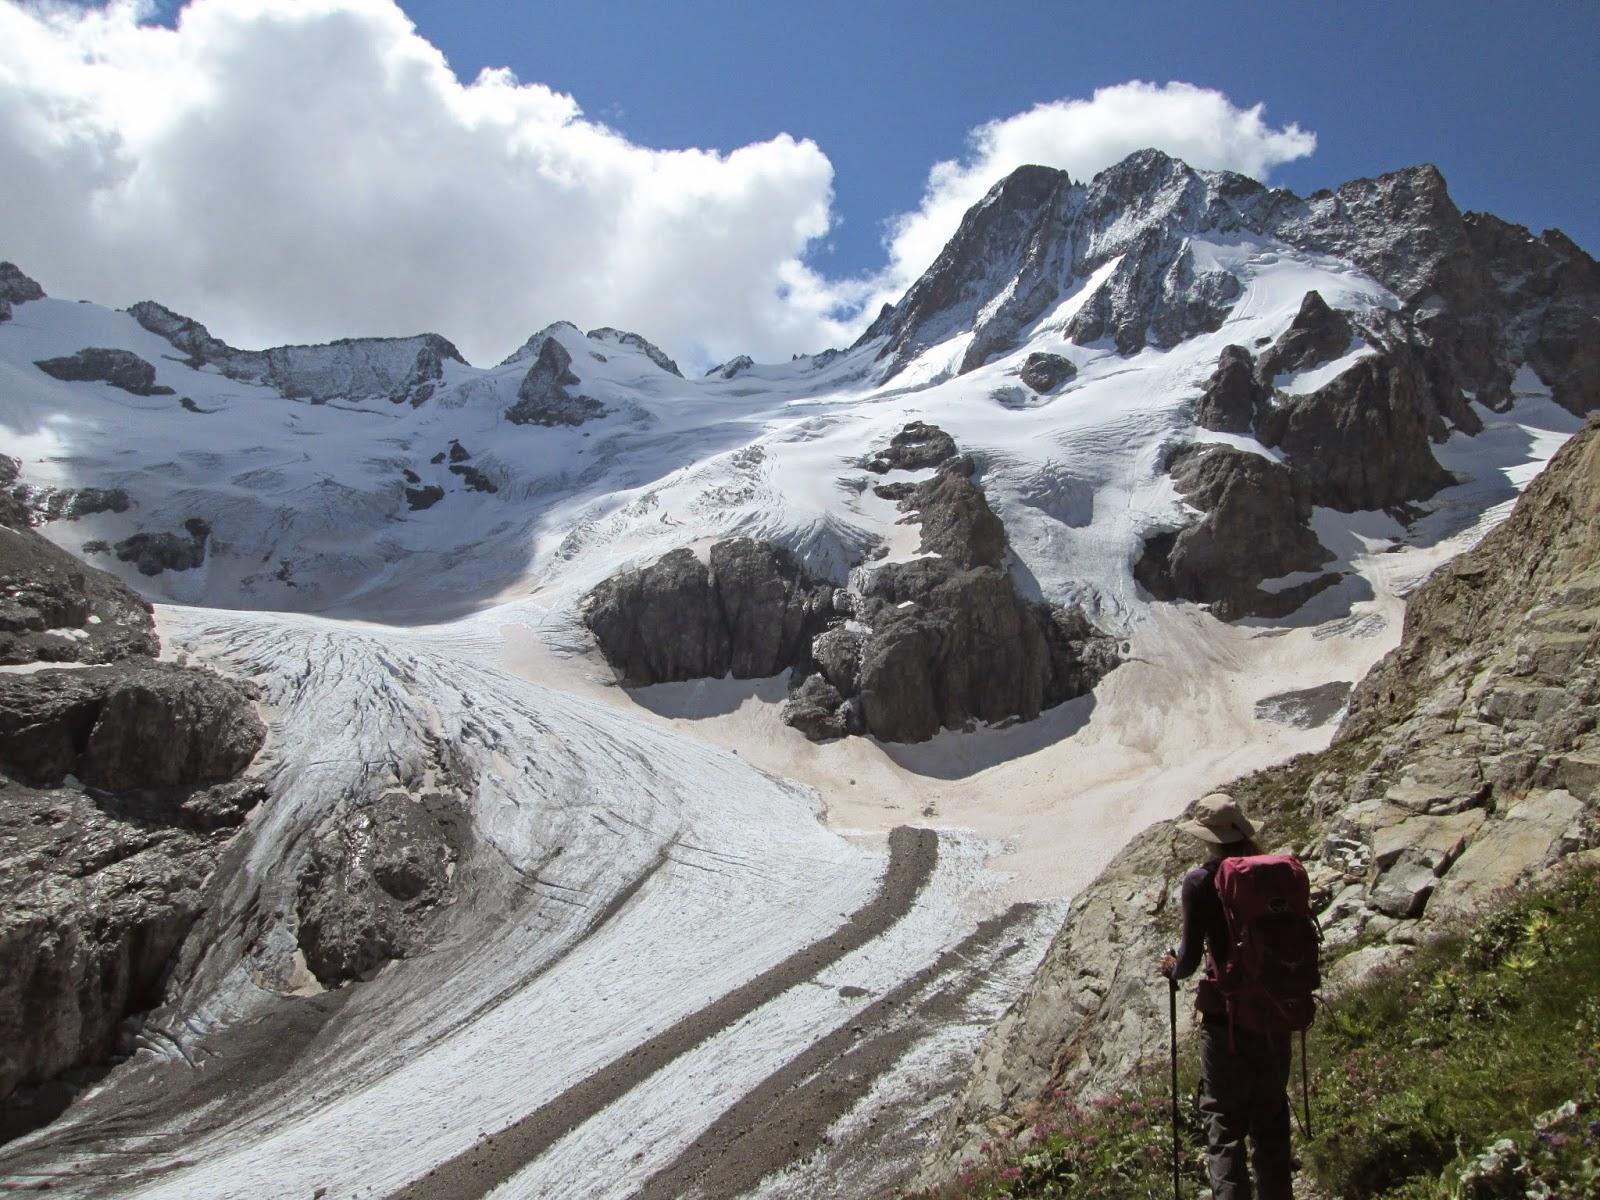 Overlooking the Glacier de la Pilatte, Ecrins National Park, Alps, France